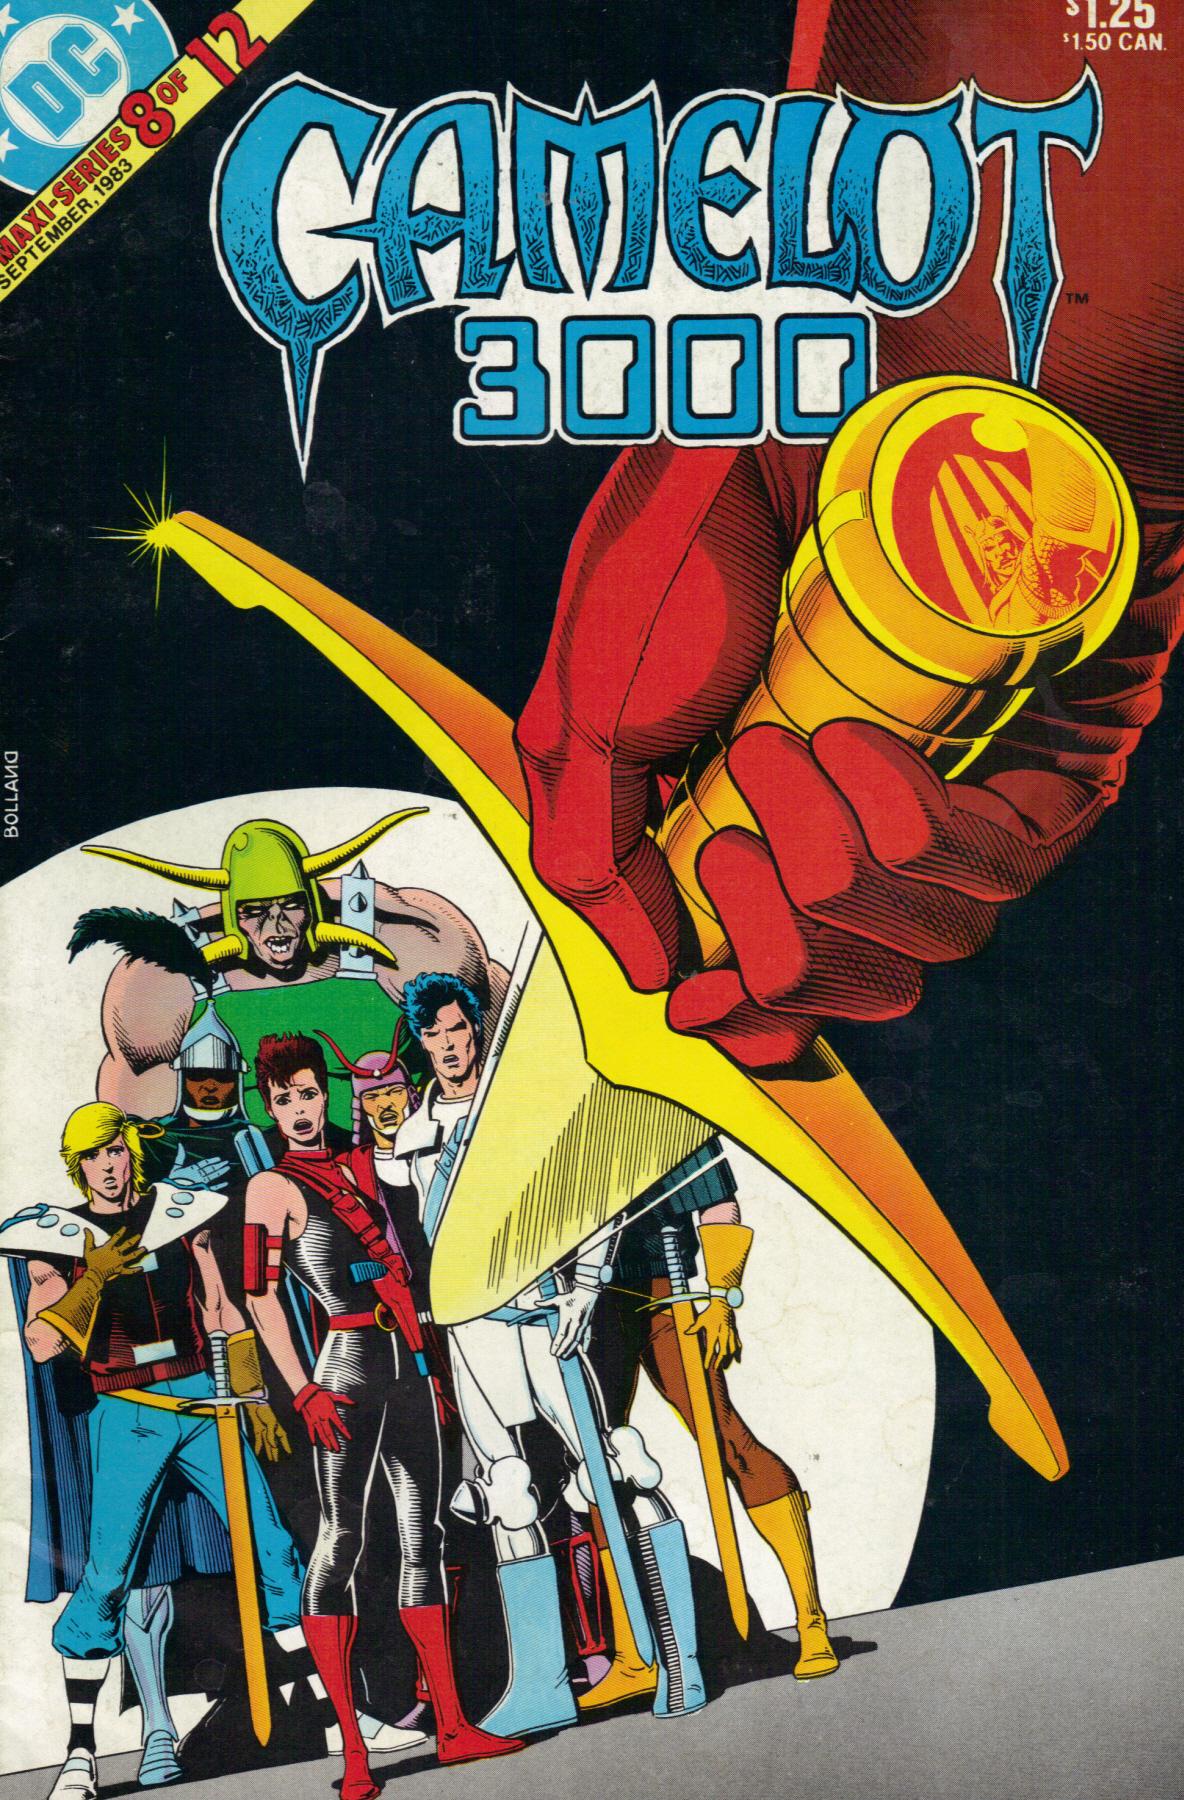 Camelot 3000 Vol 1 8 Dc Comics Database